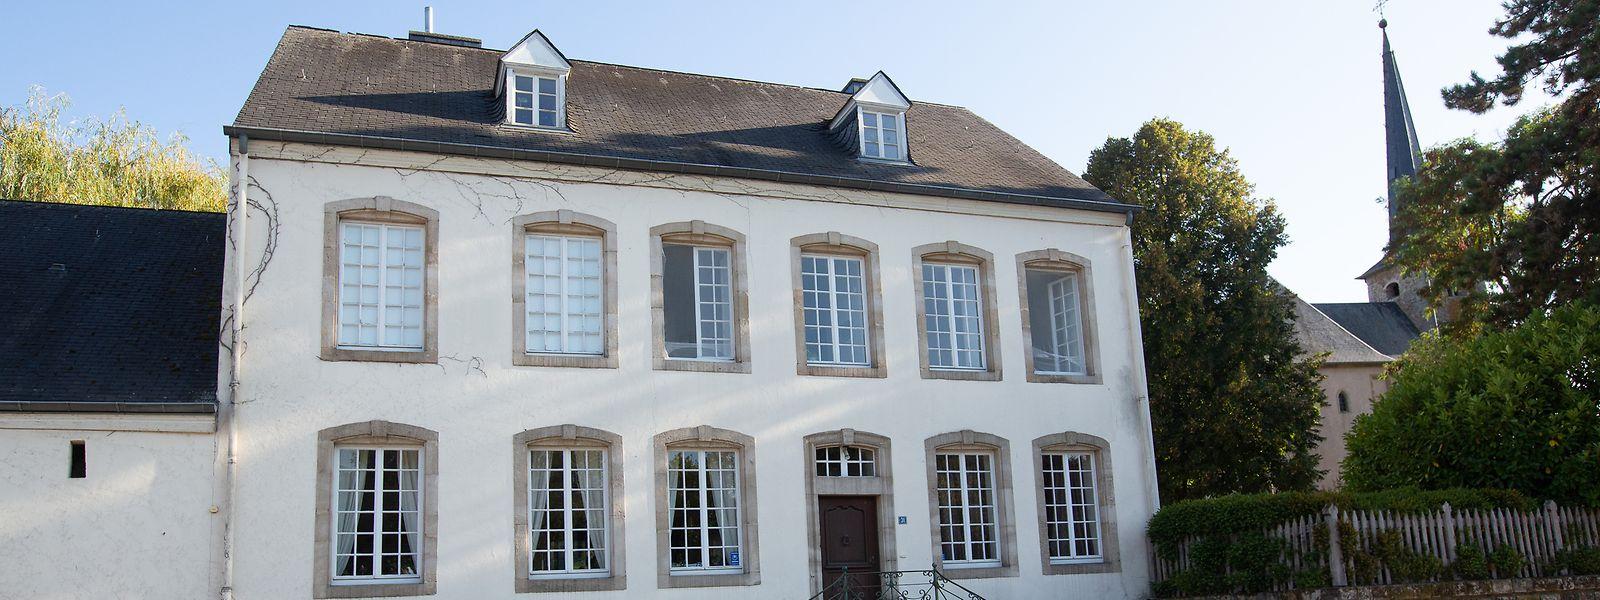 Das ehemalige Pfarrhaus in Waldbredimus ist als neues Rathaus der Fusionsgemeinde auserkoren.